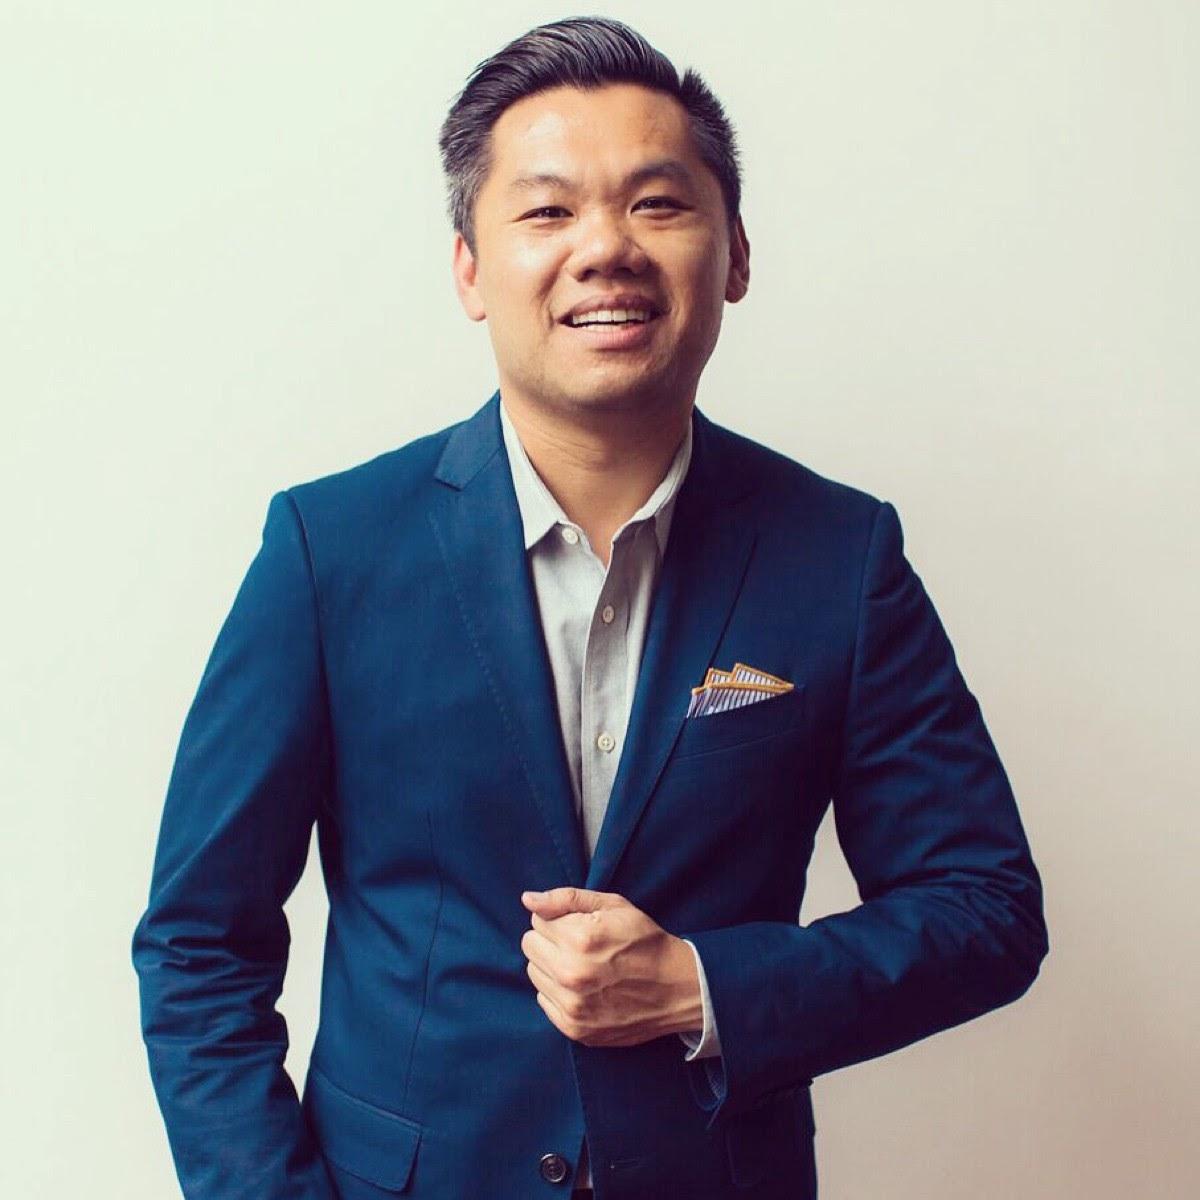 Entrepreneurship blogs #16: Andrew Chen's blog